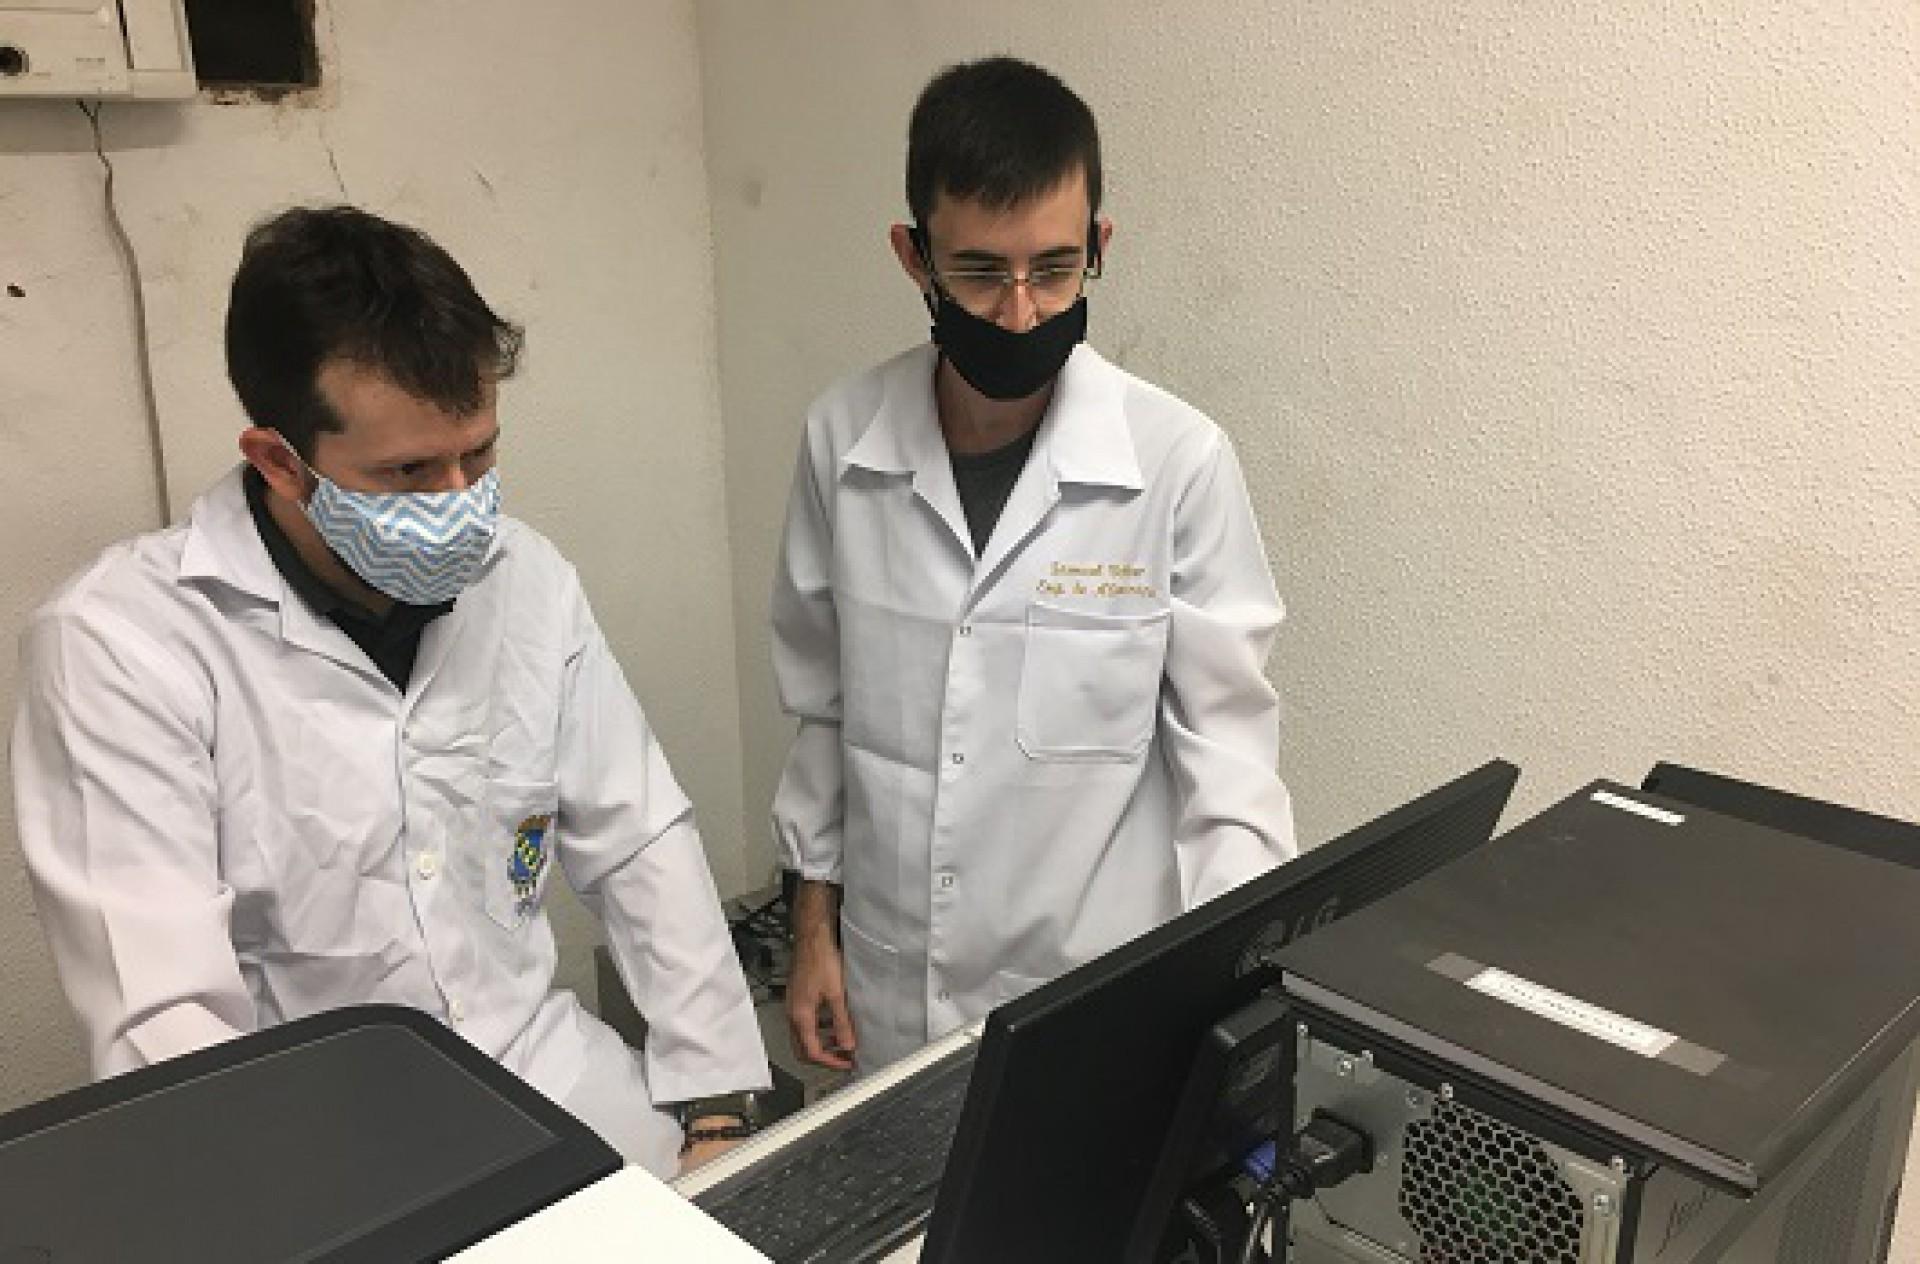 Os professores Pierre Fechine e Samuel Veloso Carneiro, do GQMAT, são os responsáveis pela pesquisa